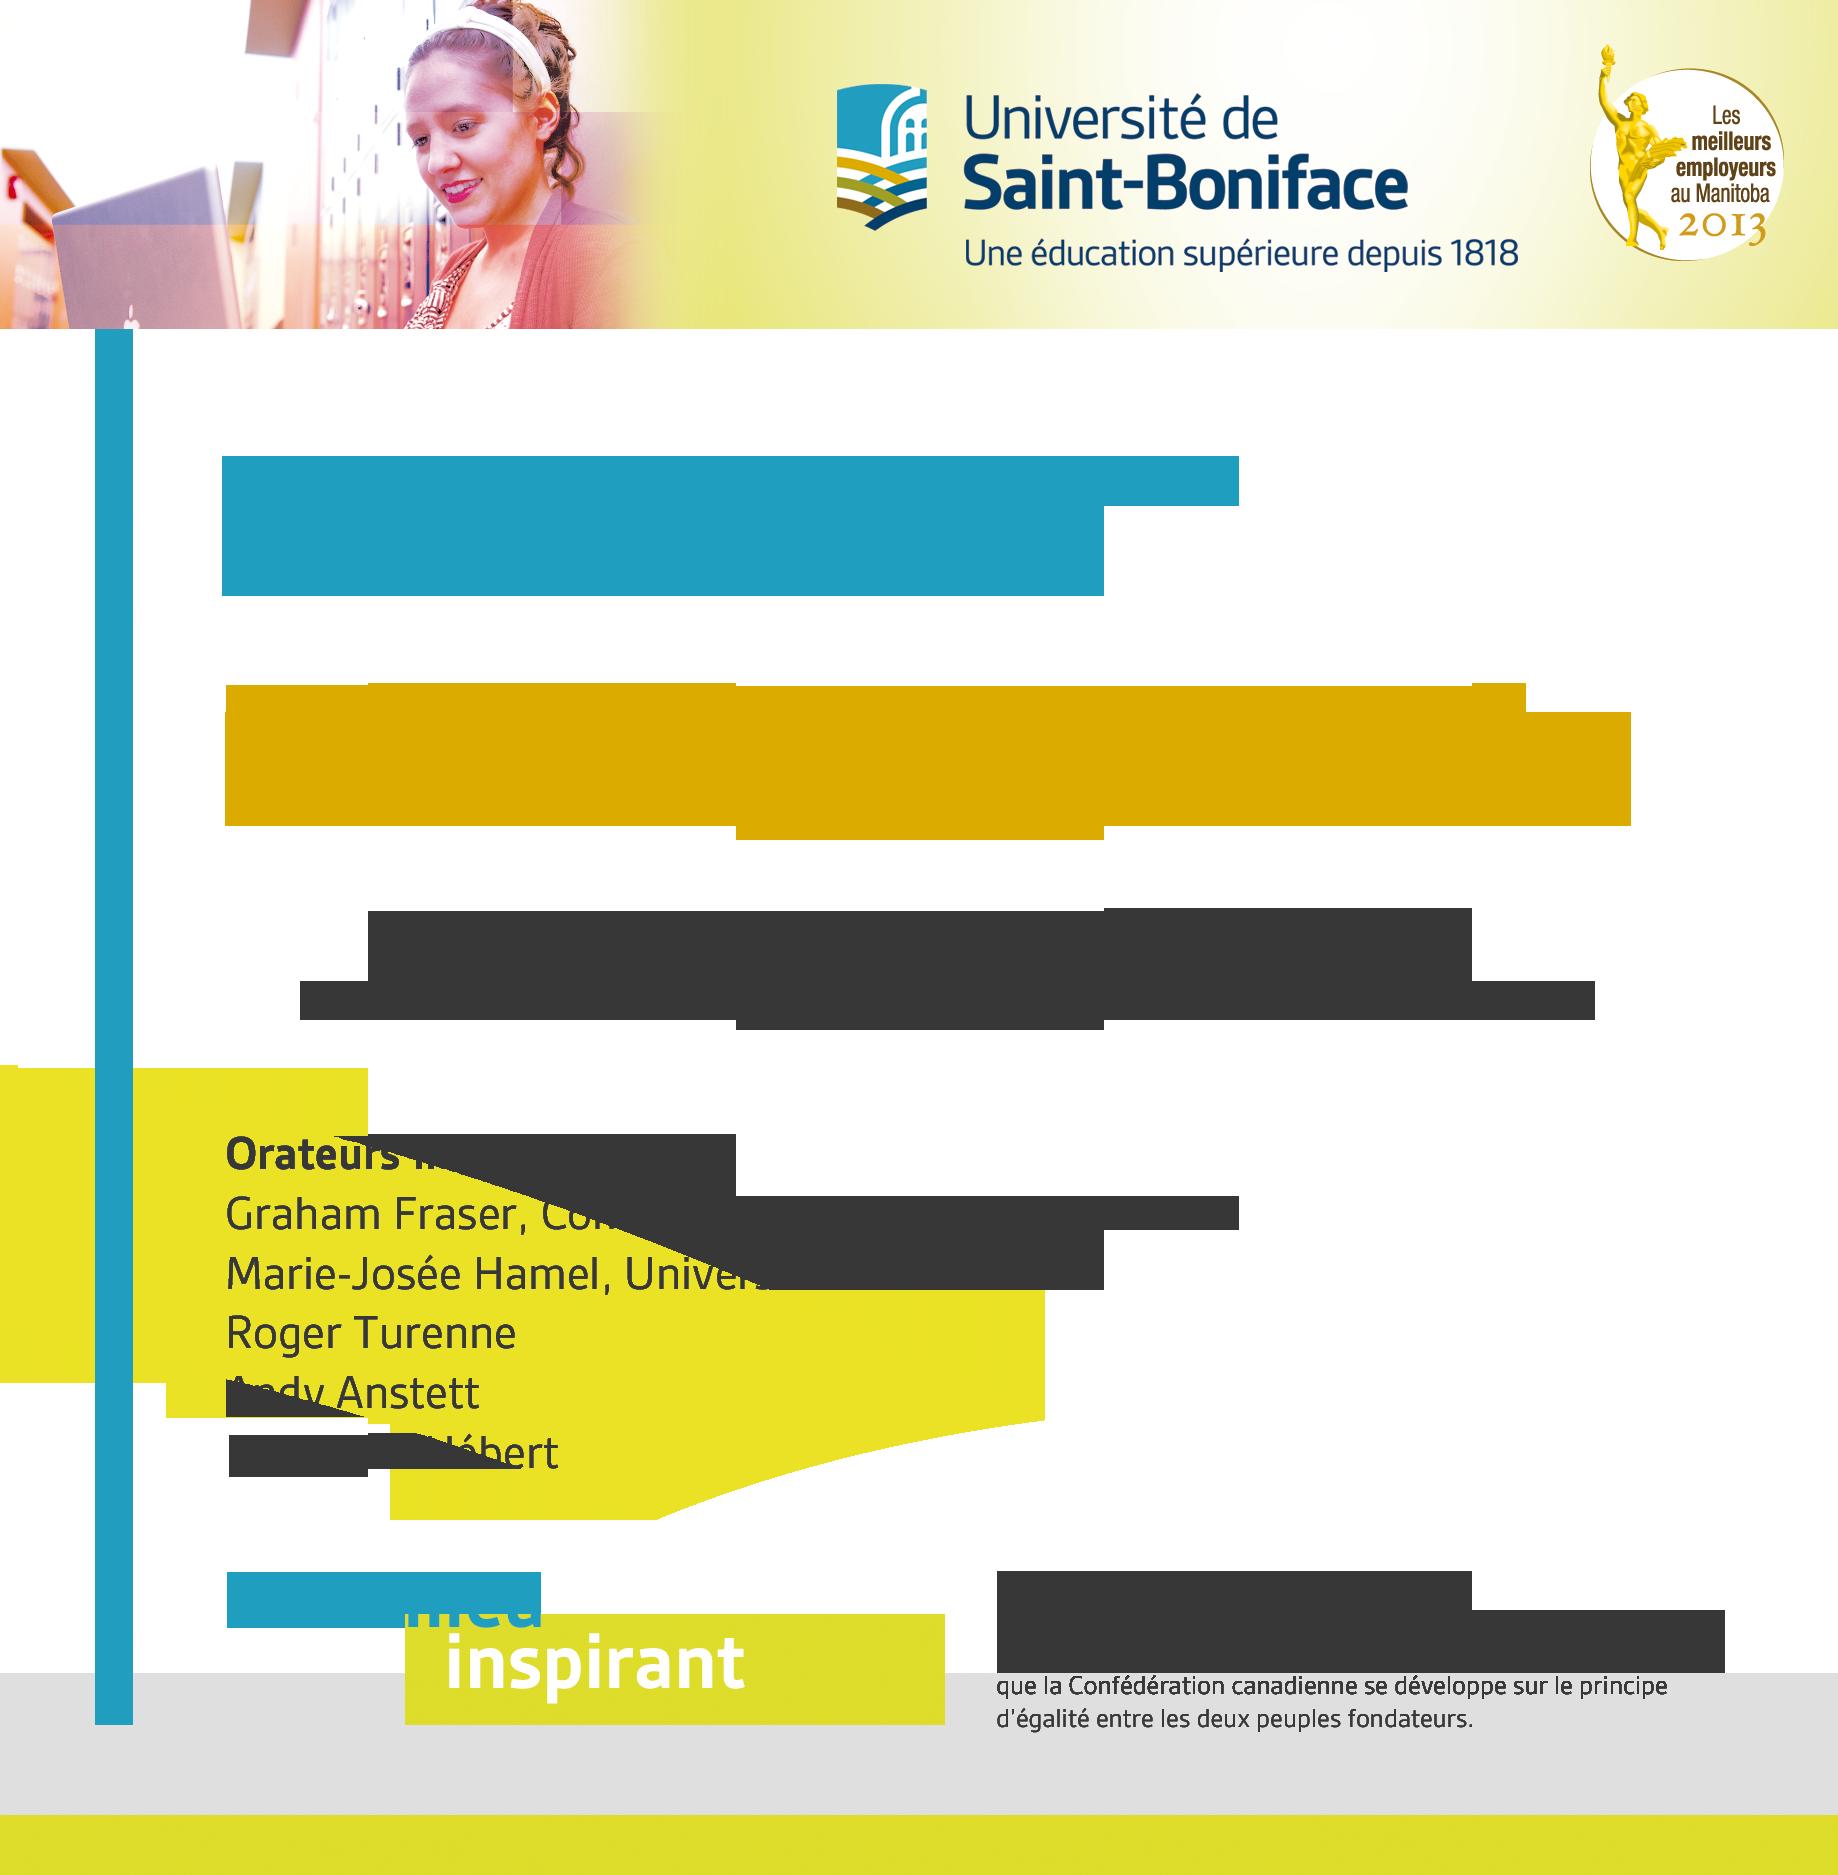 Annonce_Conférence bilinguisme